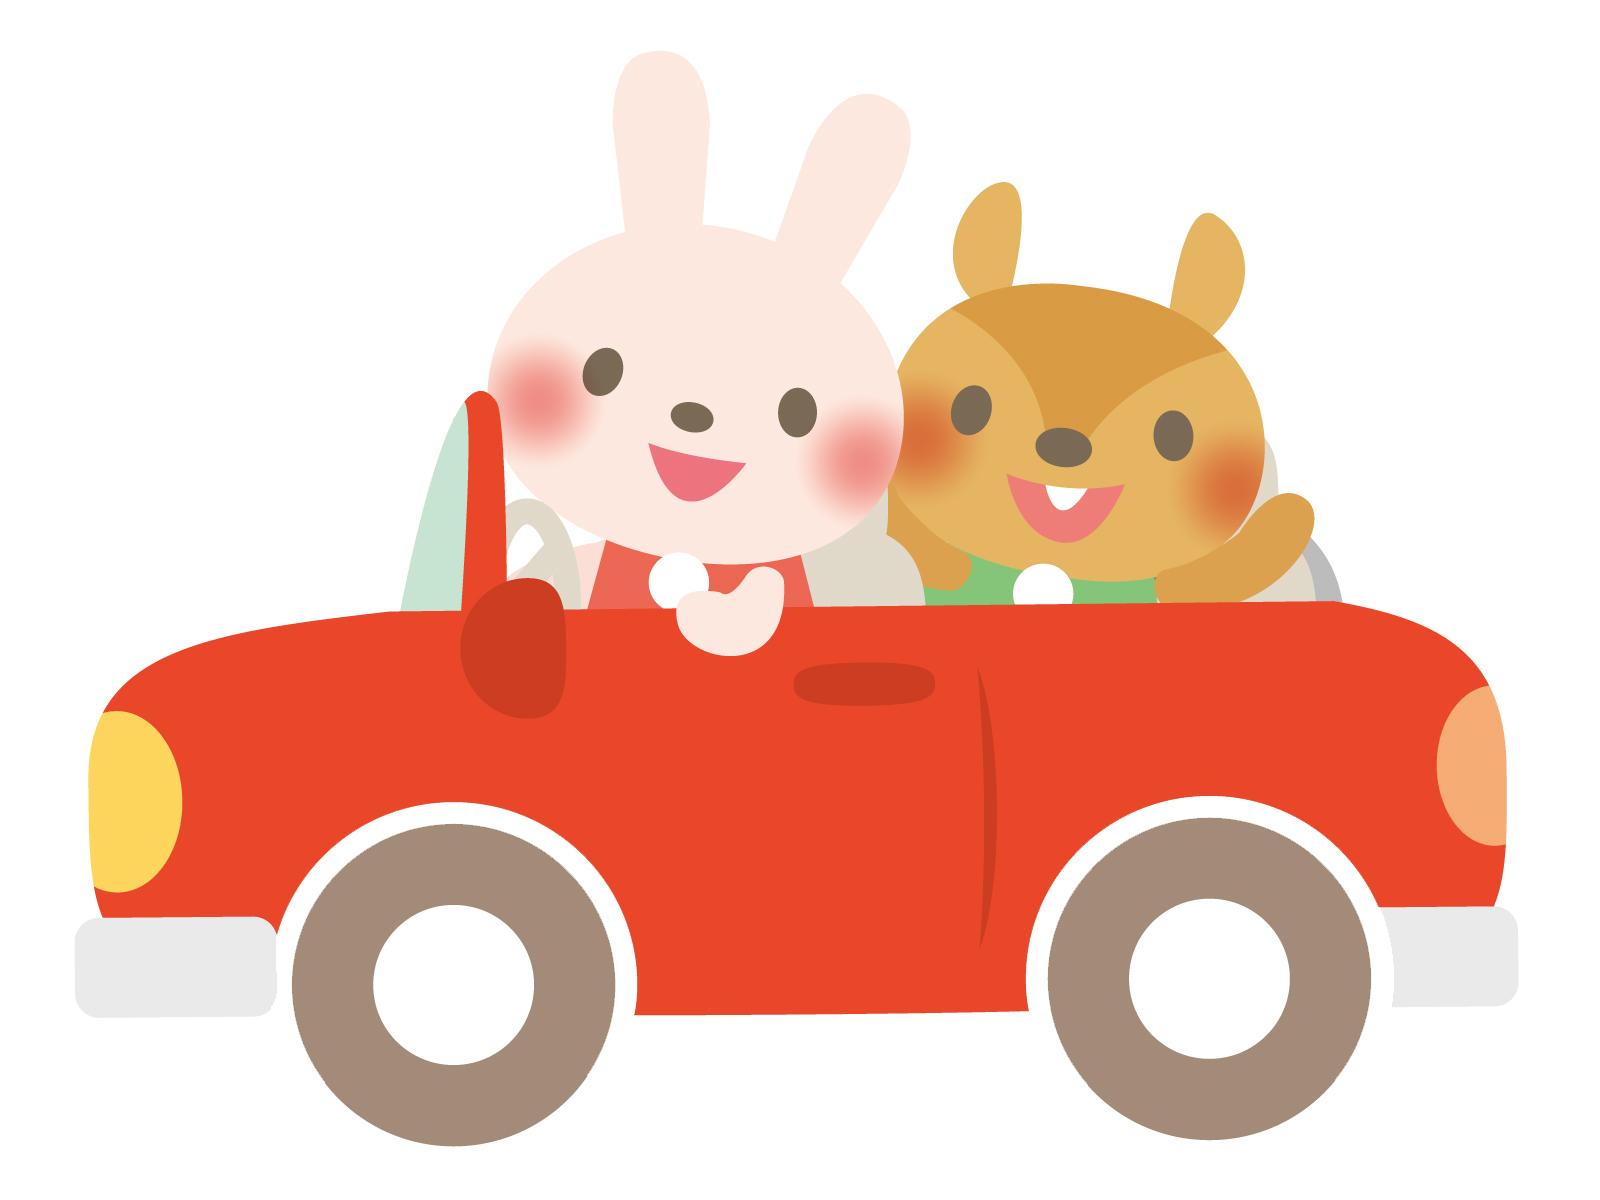 Pet博でうさぎと触れ合おう!5月ゴールデンウィークのペットイベント